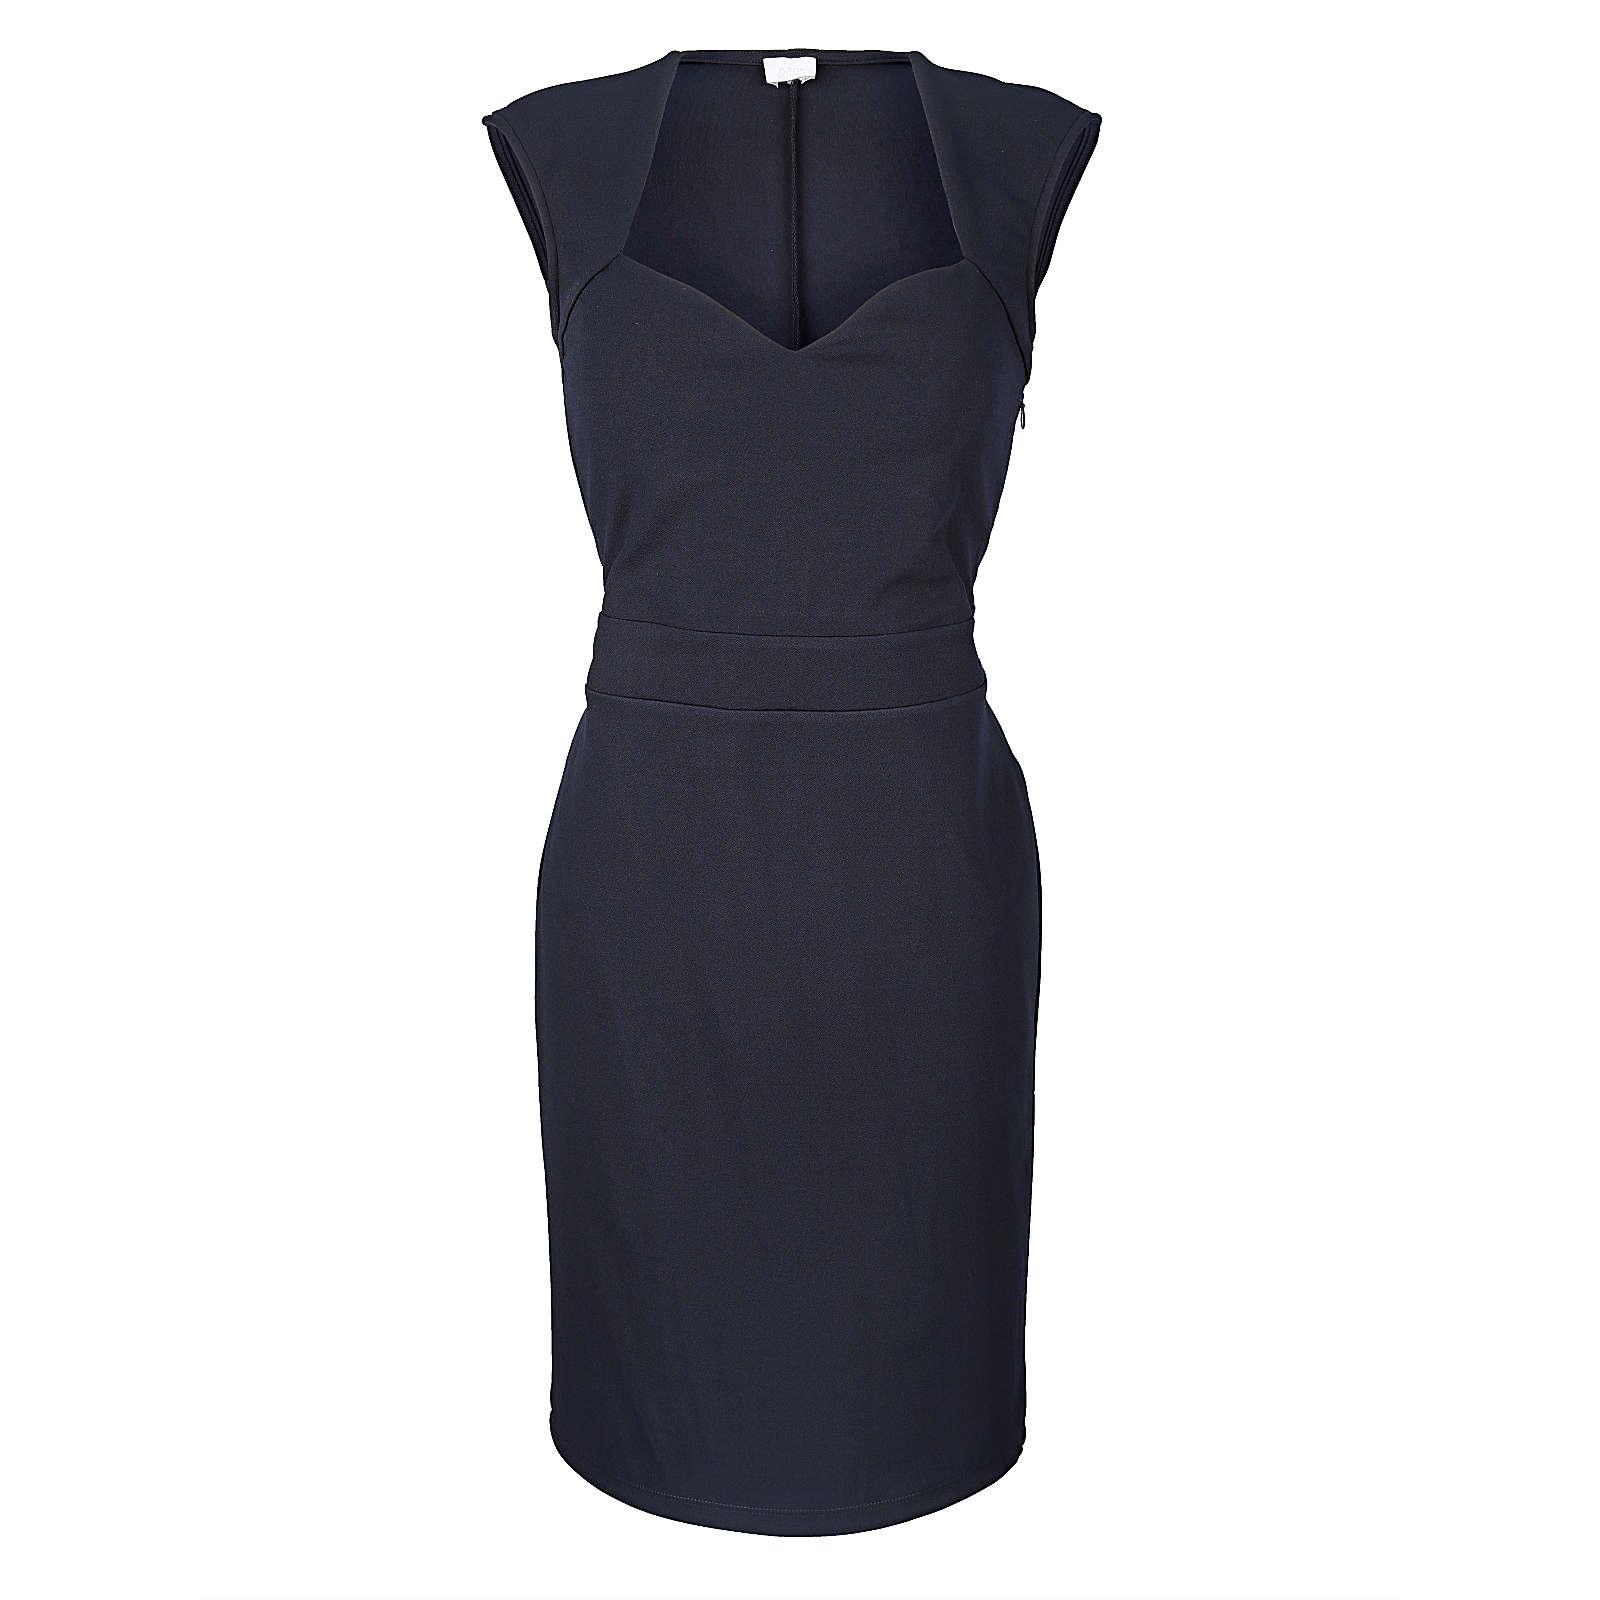 Alba Moda Kleid schwarz Damen Gr. 40